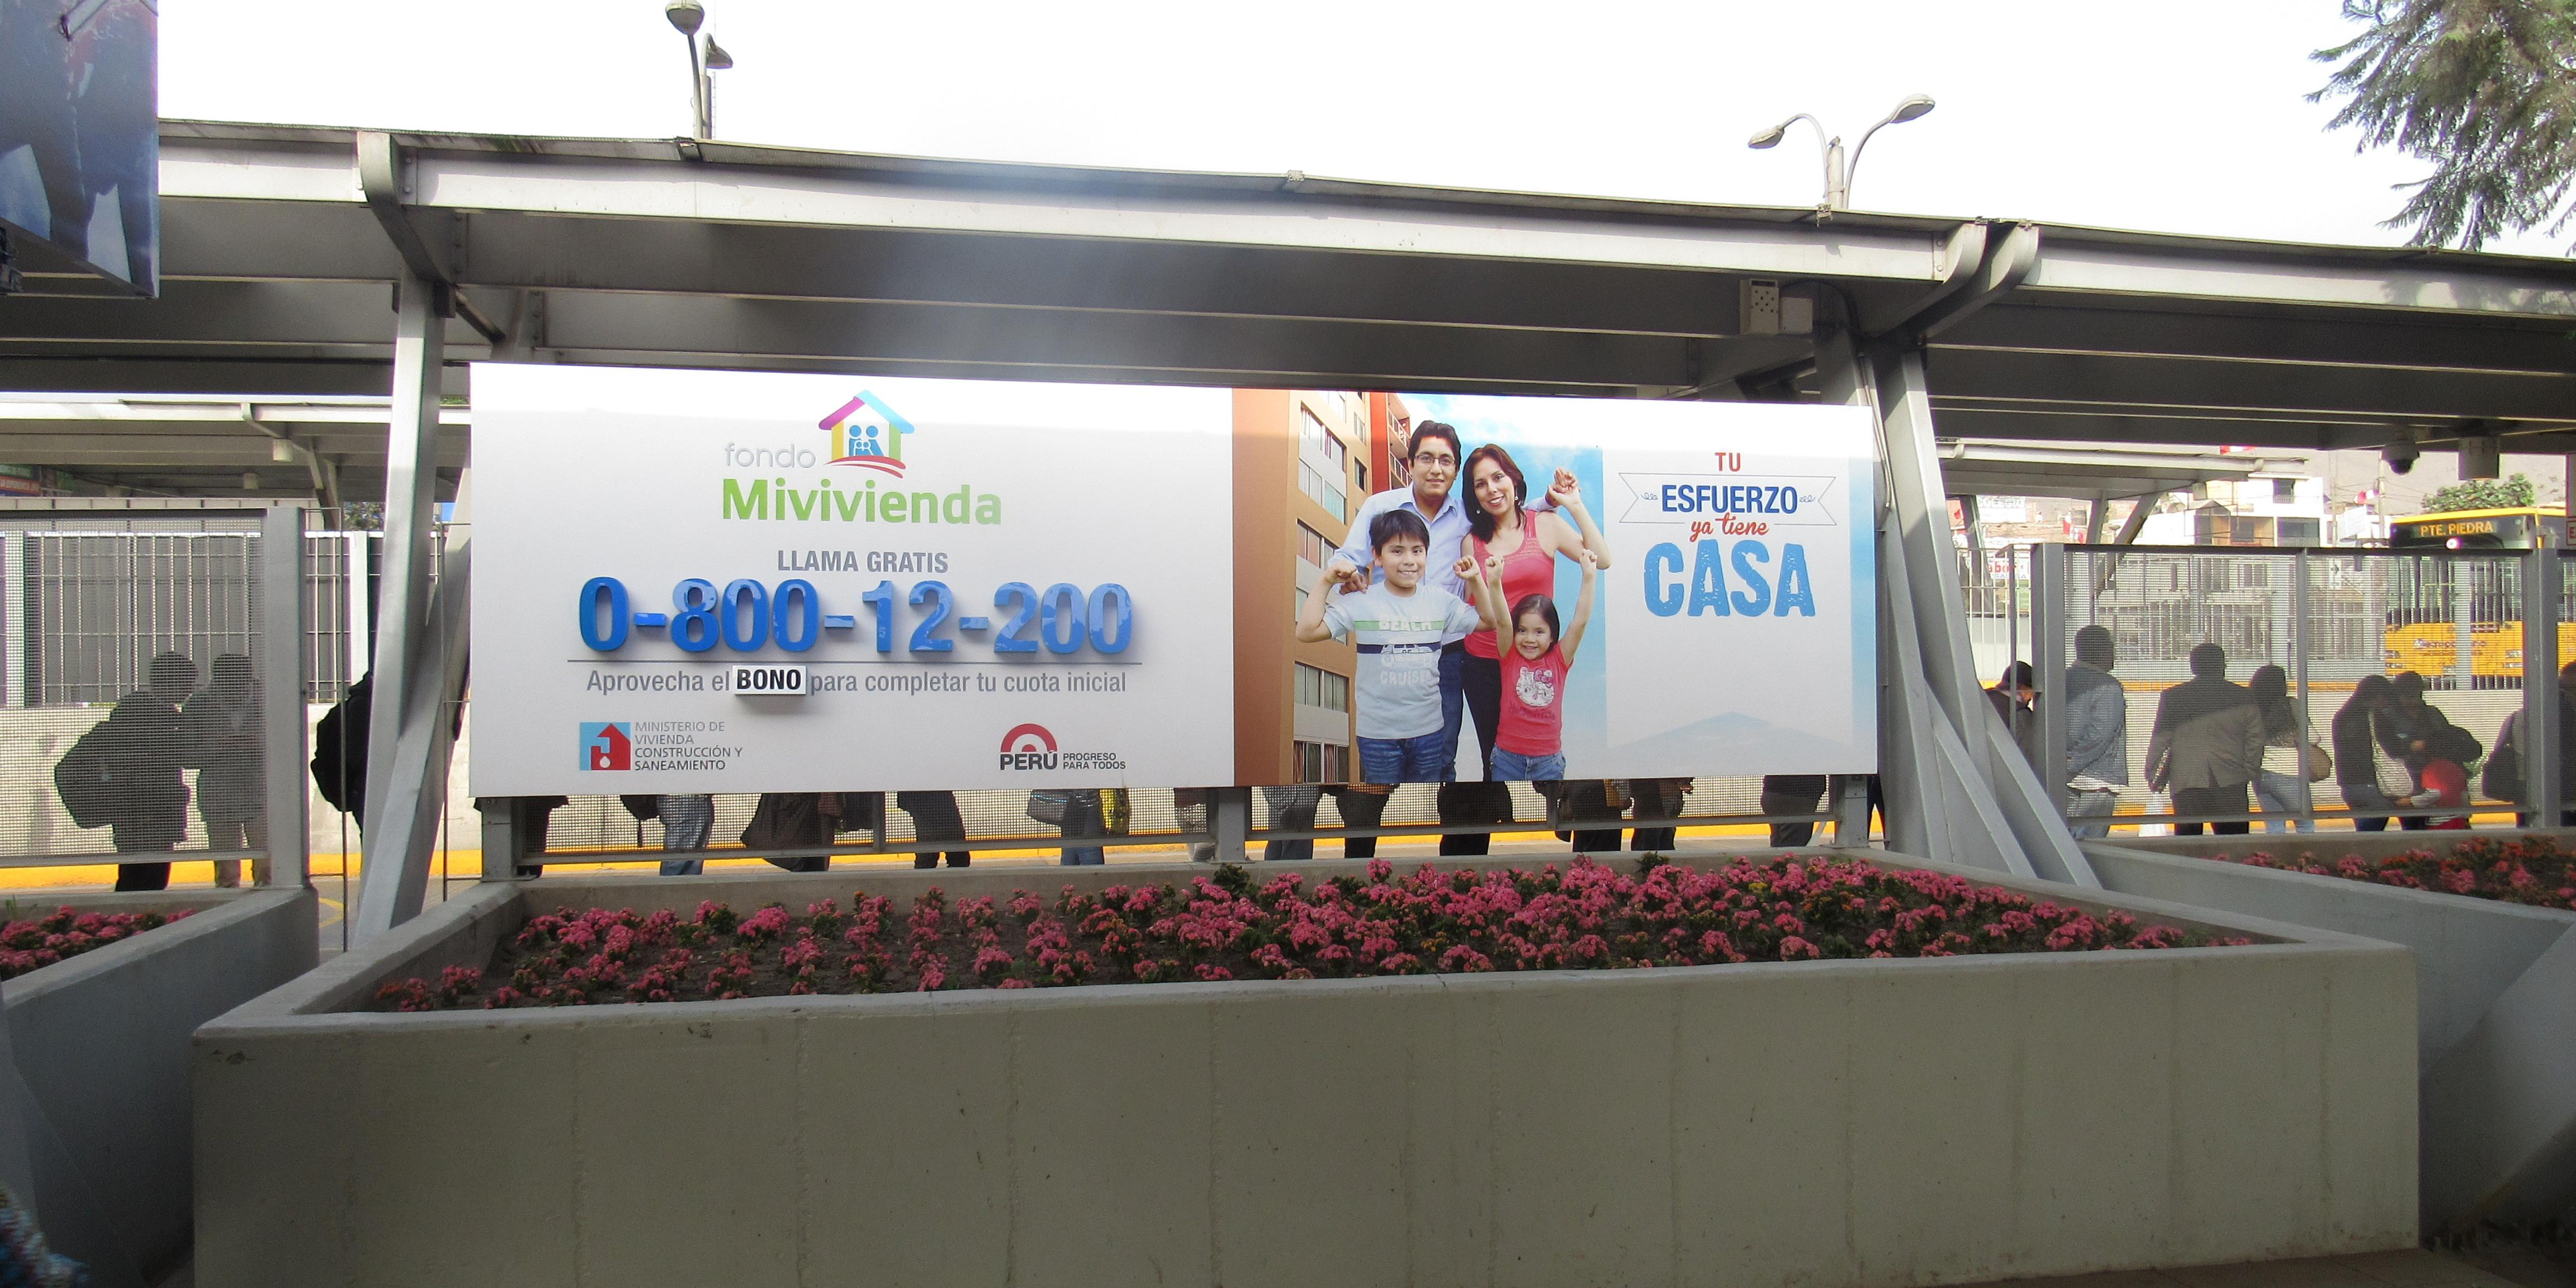 Fondo mivivienda realiza publicidad indoor mercadonegro for Mi vivienda